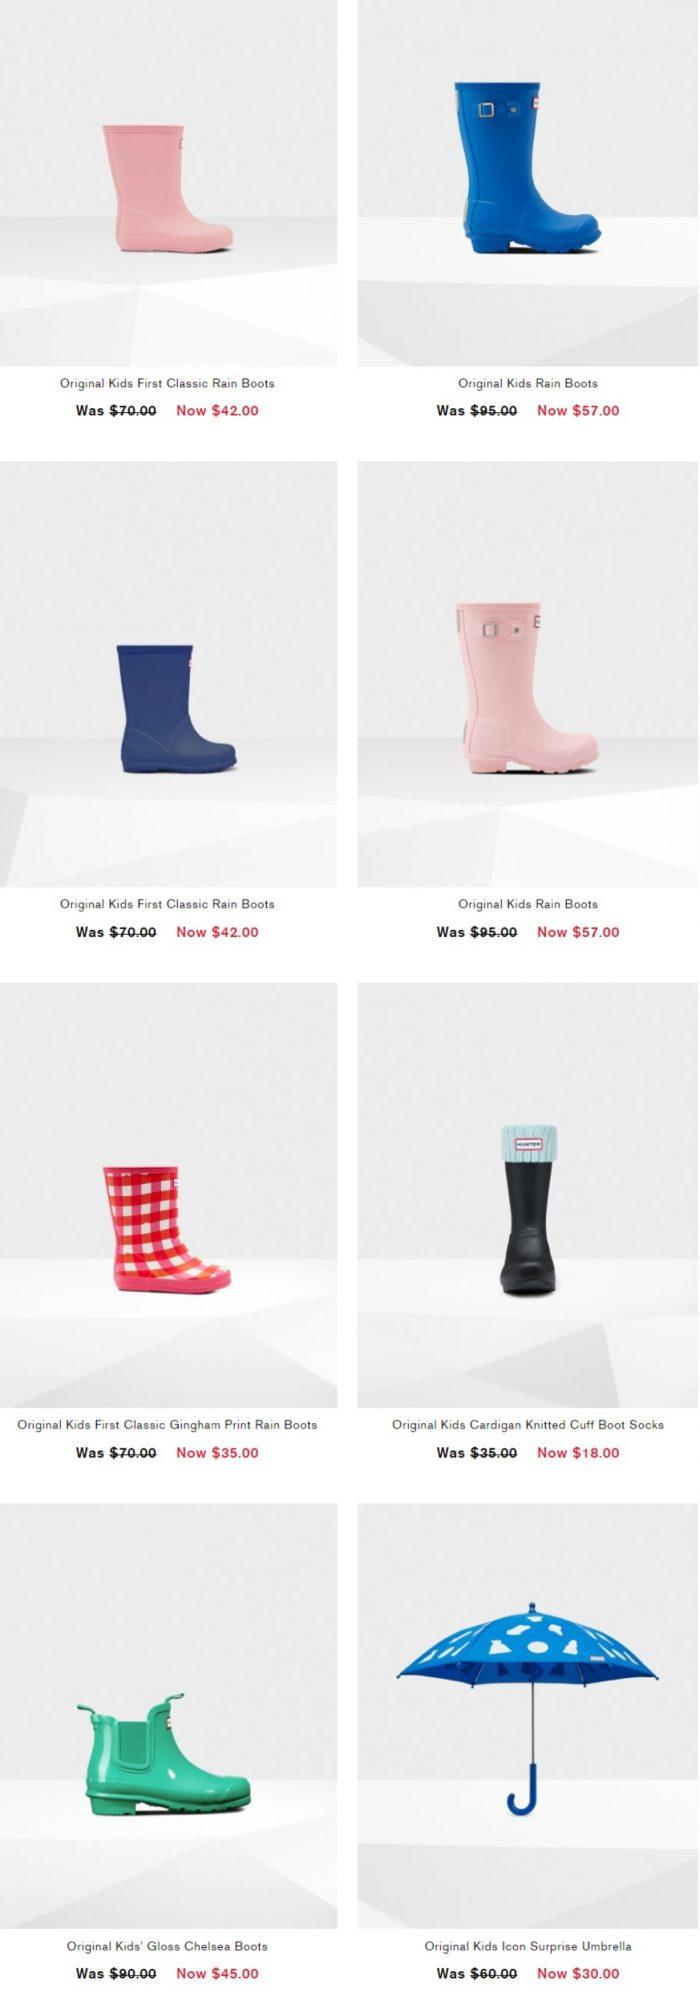 Hunter精选儿童保暖袜、雨鞋、雨衣 5折起特卖,折后低至 20加元!入迪士尼合作款!